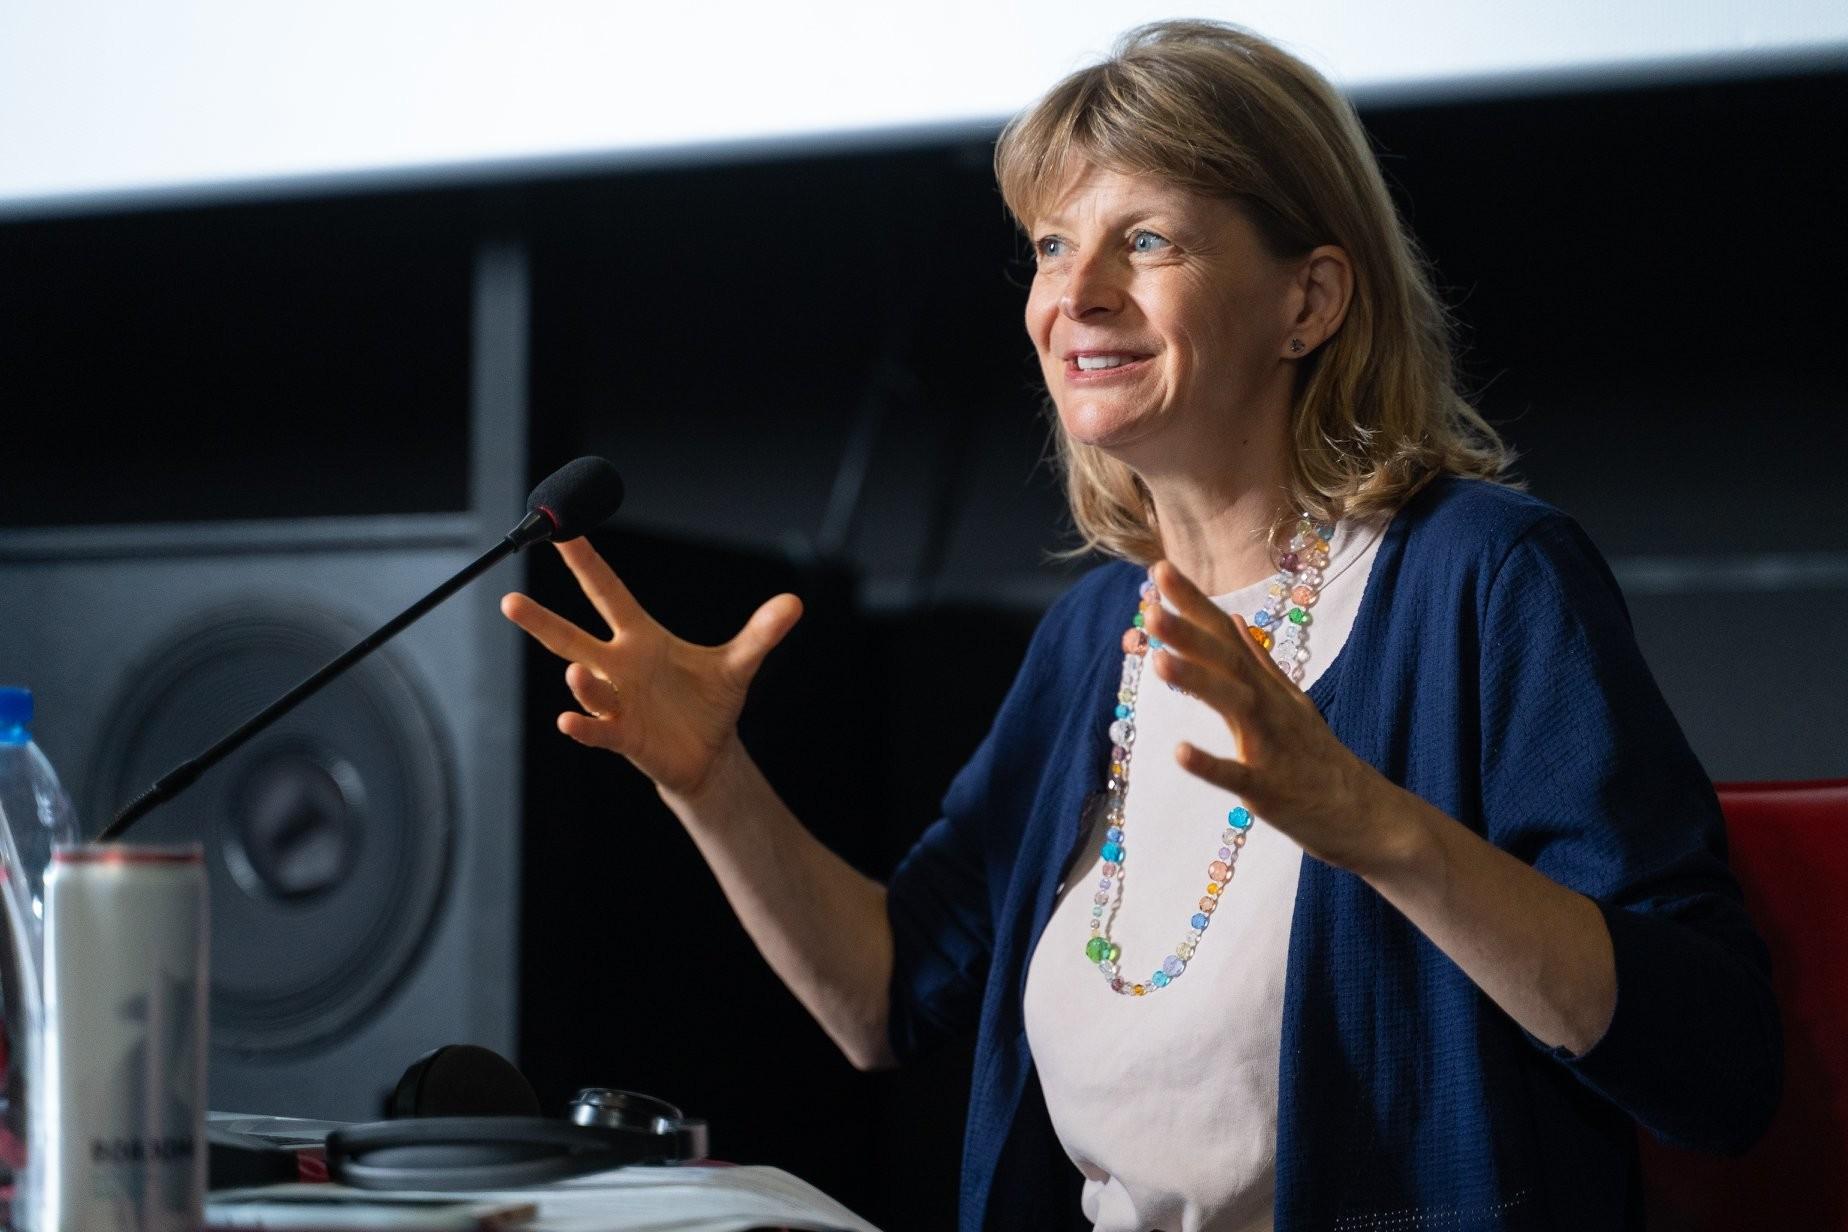 ОМКФ 2019: французький режисер Соня Кронлунд розповіла про правду та брехню в документалістиці